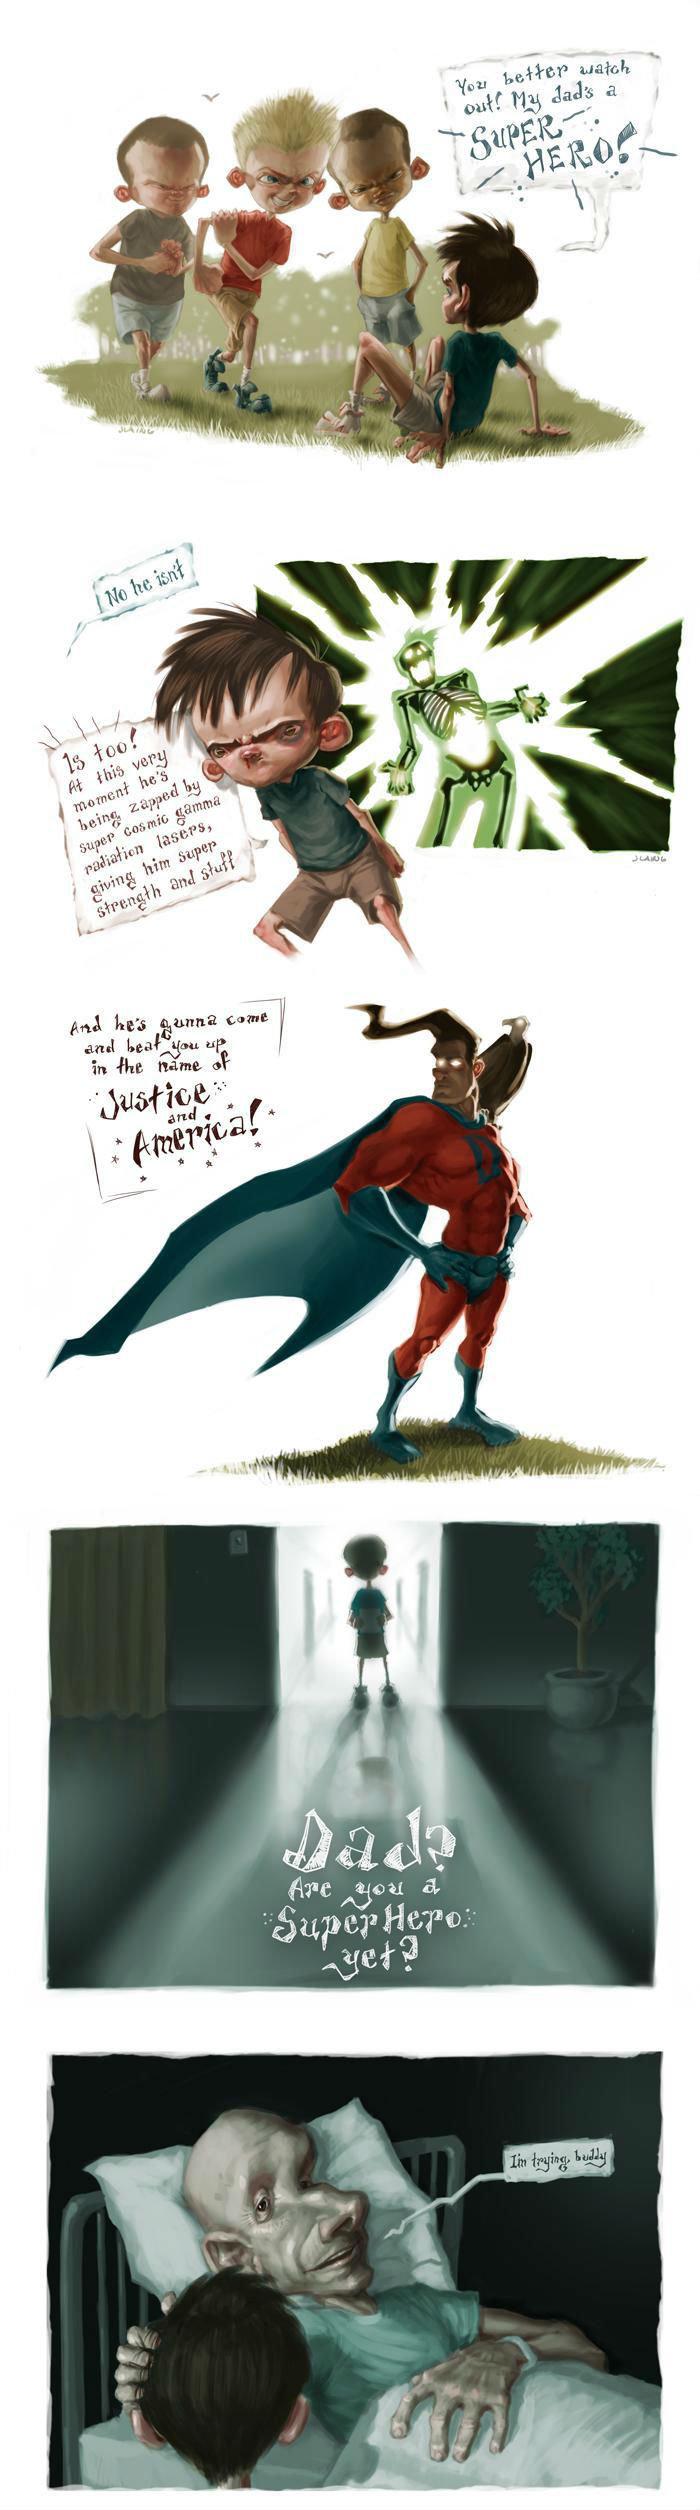 Superdad. .. Aw goddamnit.. gamma rays superhero sad